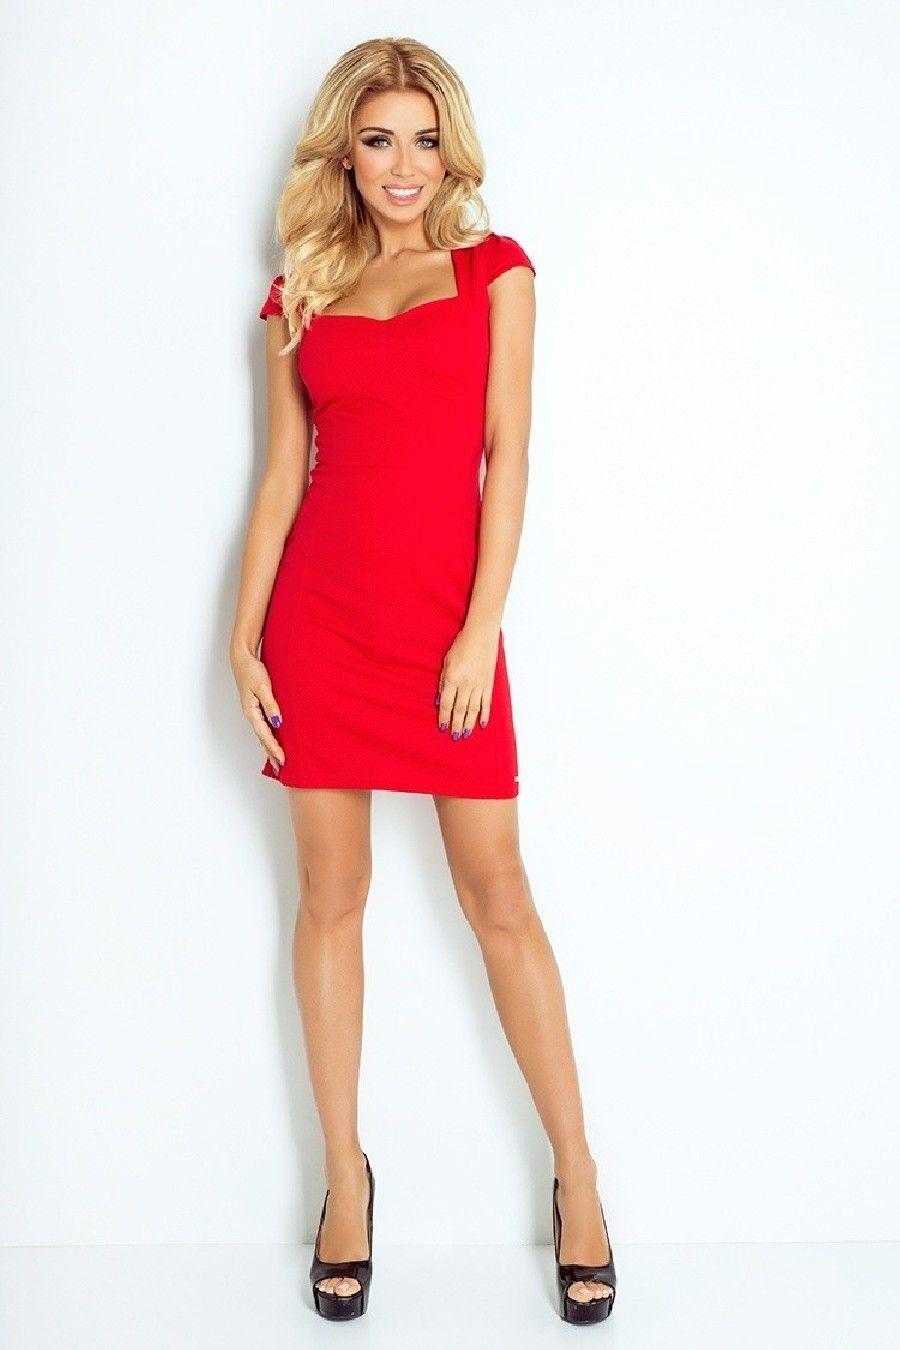 68a0c19c425 un look de oficina en color rojo Comprar ropa de mujer y lencería fina en  tienda